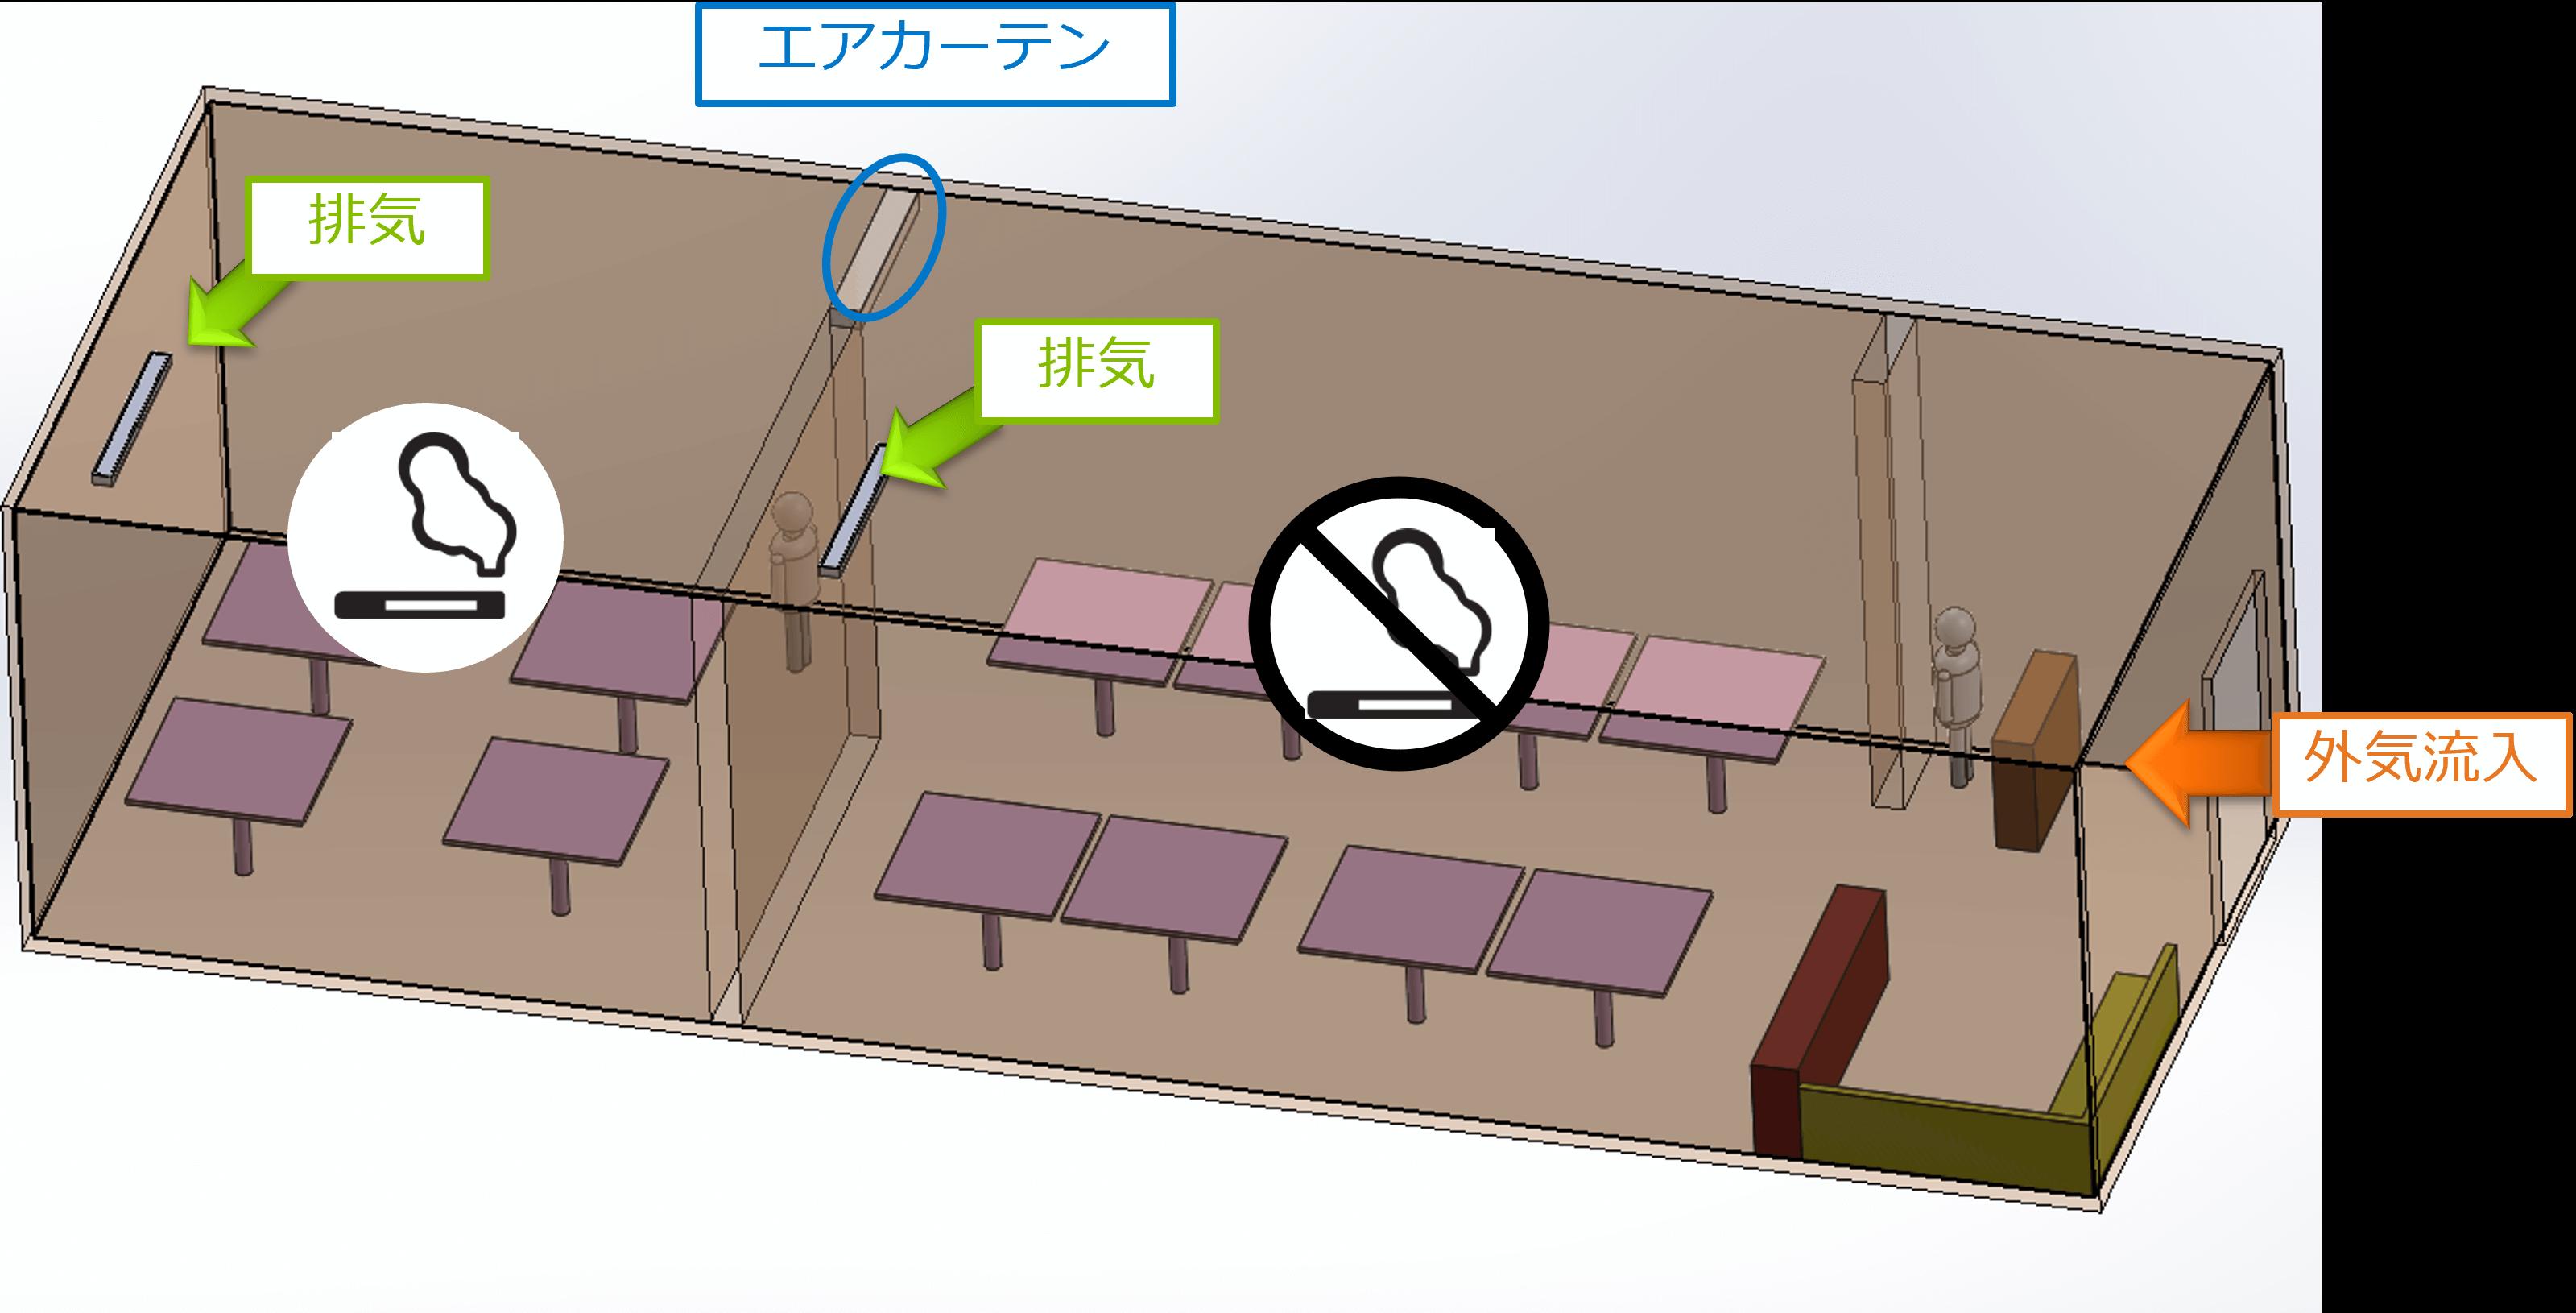 図:喫煙スペース